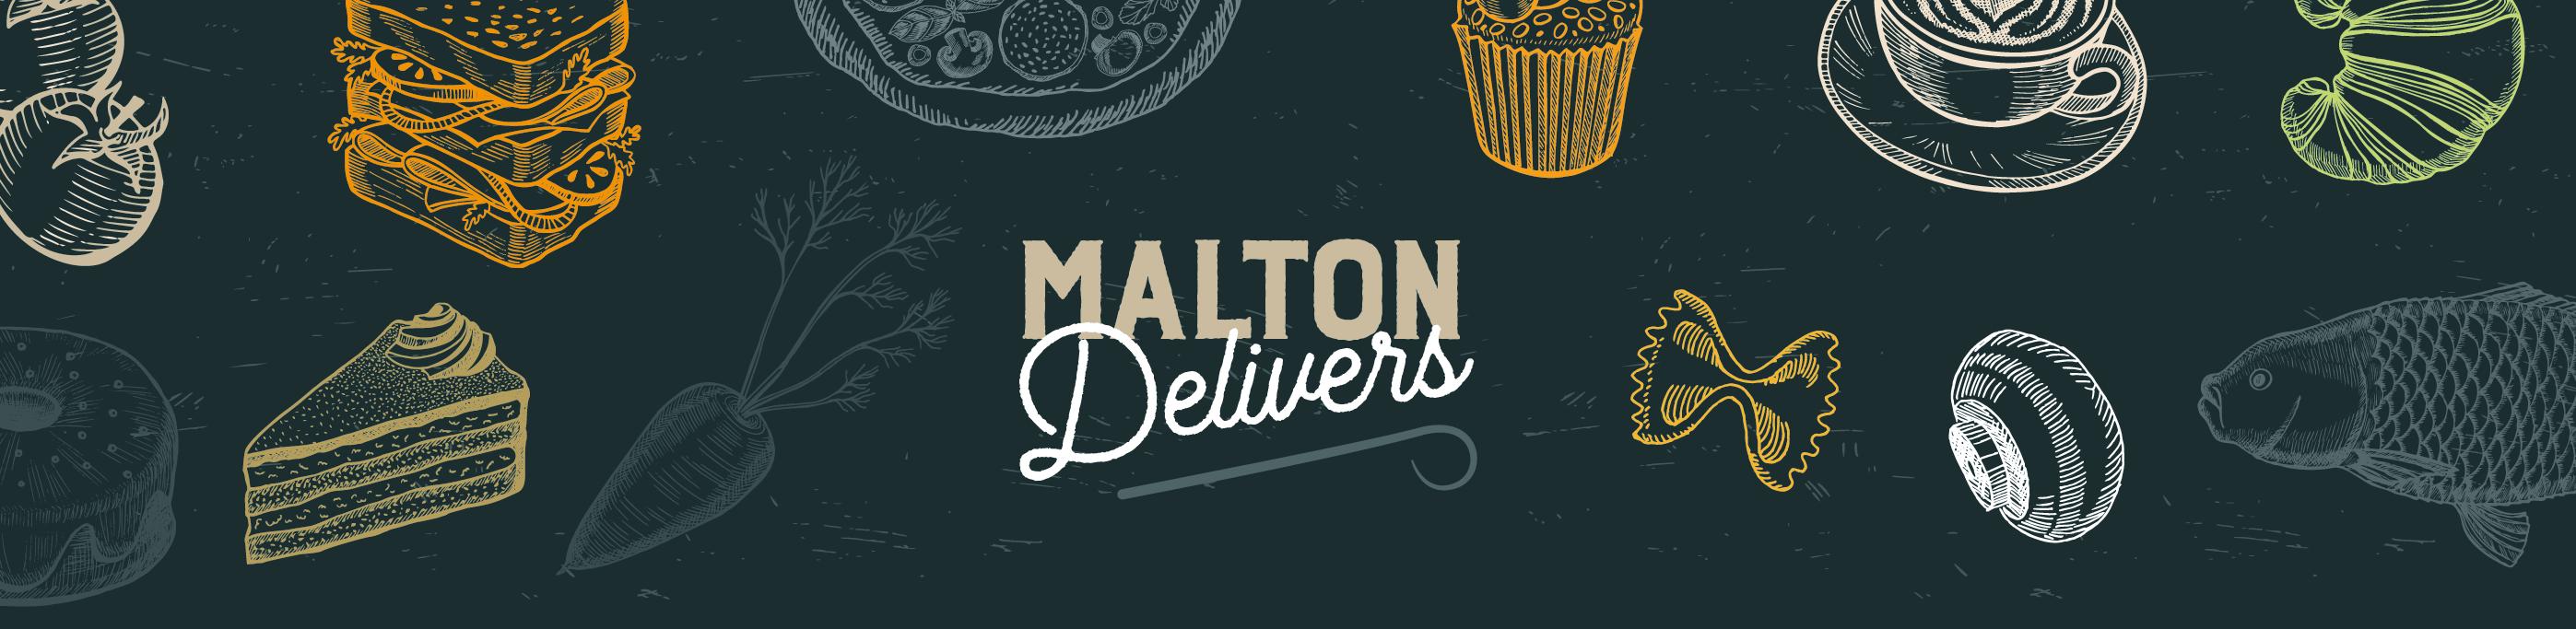 Malton Delivers Logo